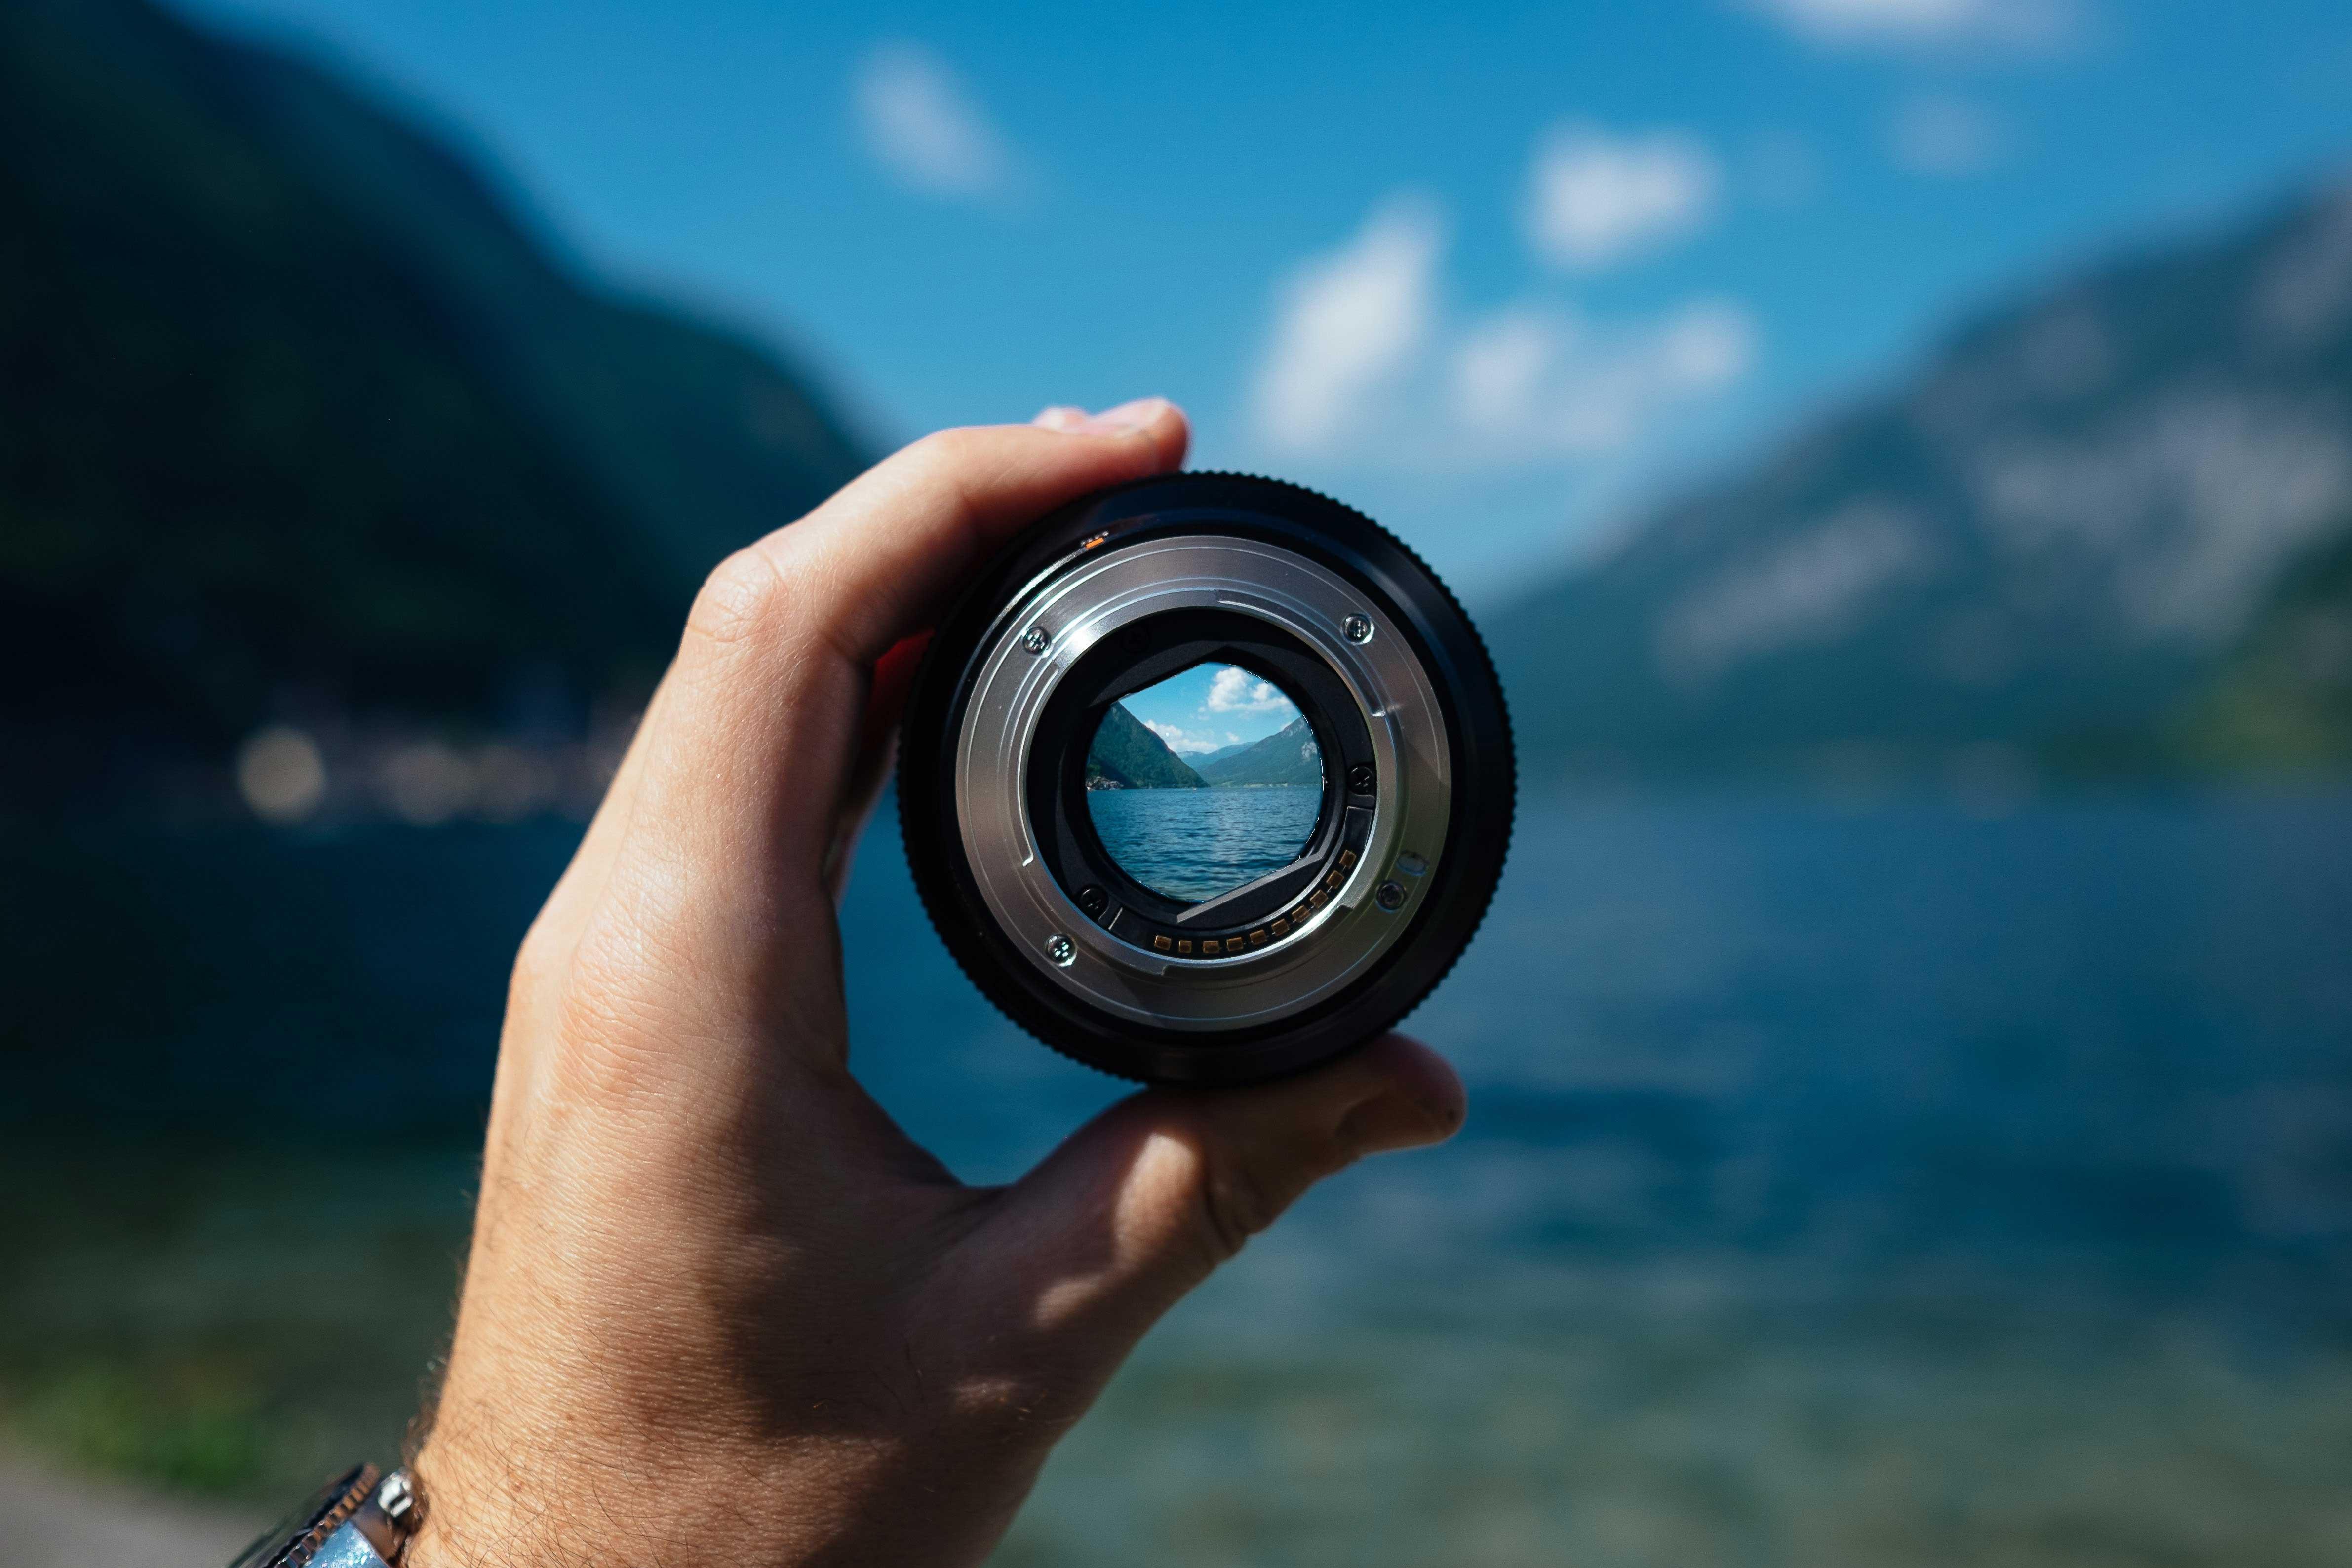 micro adjusting lenses